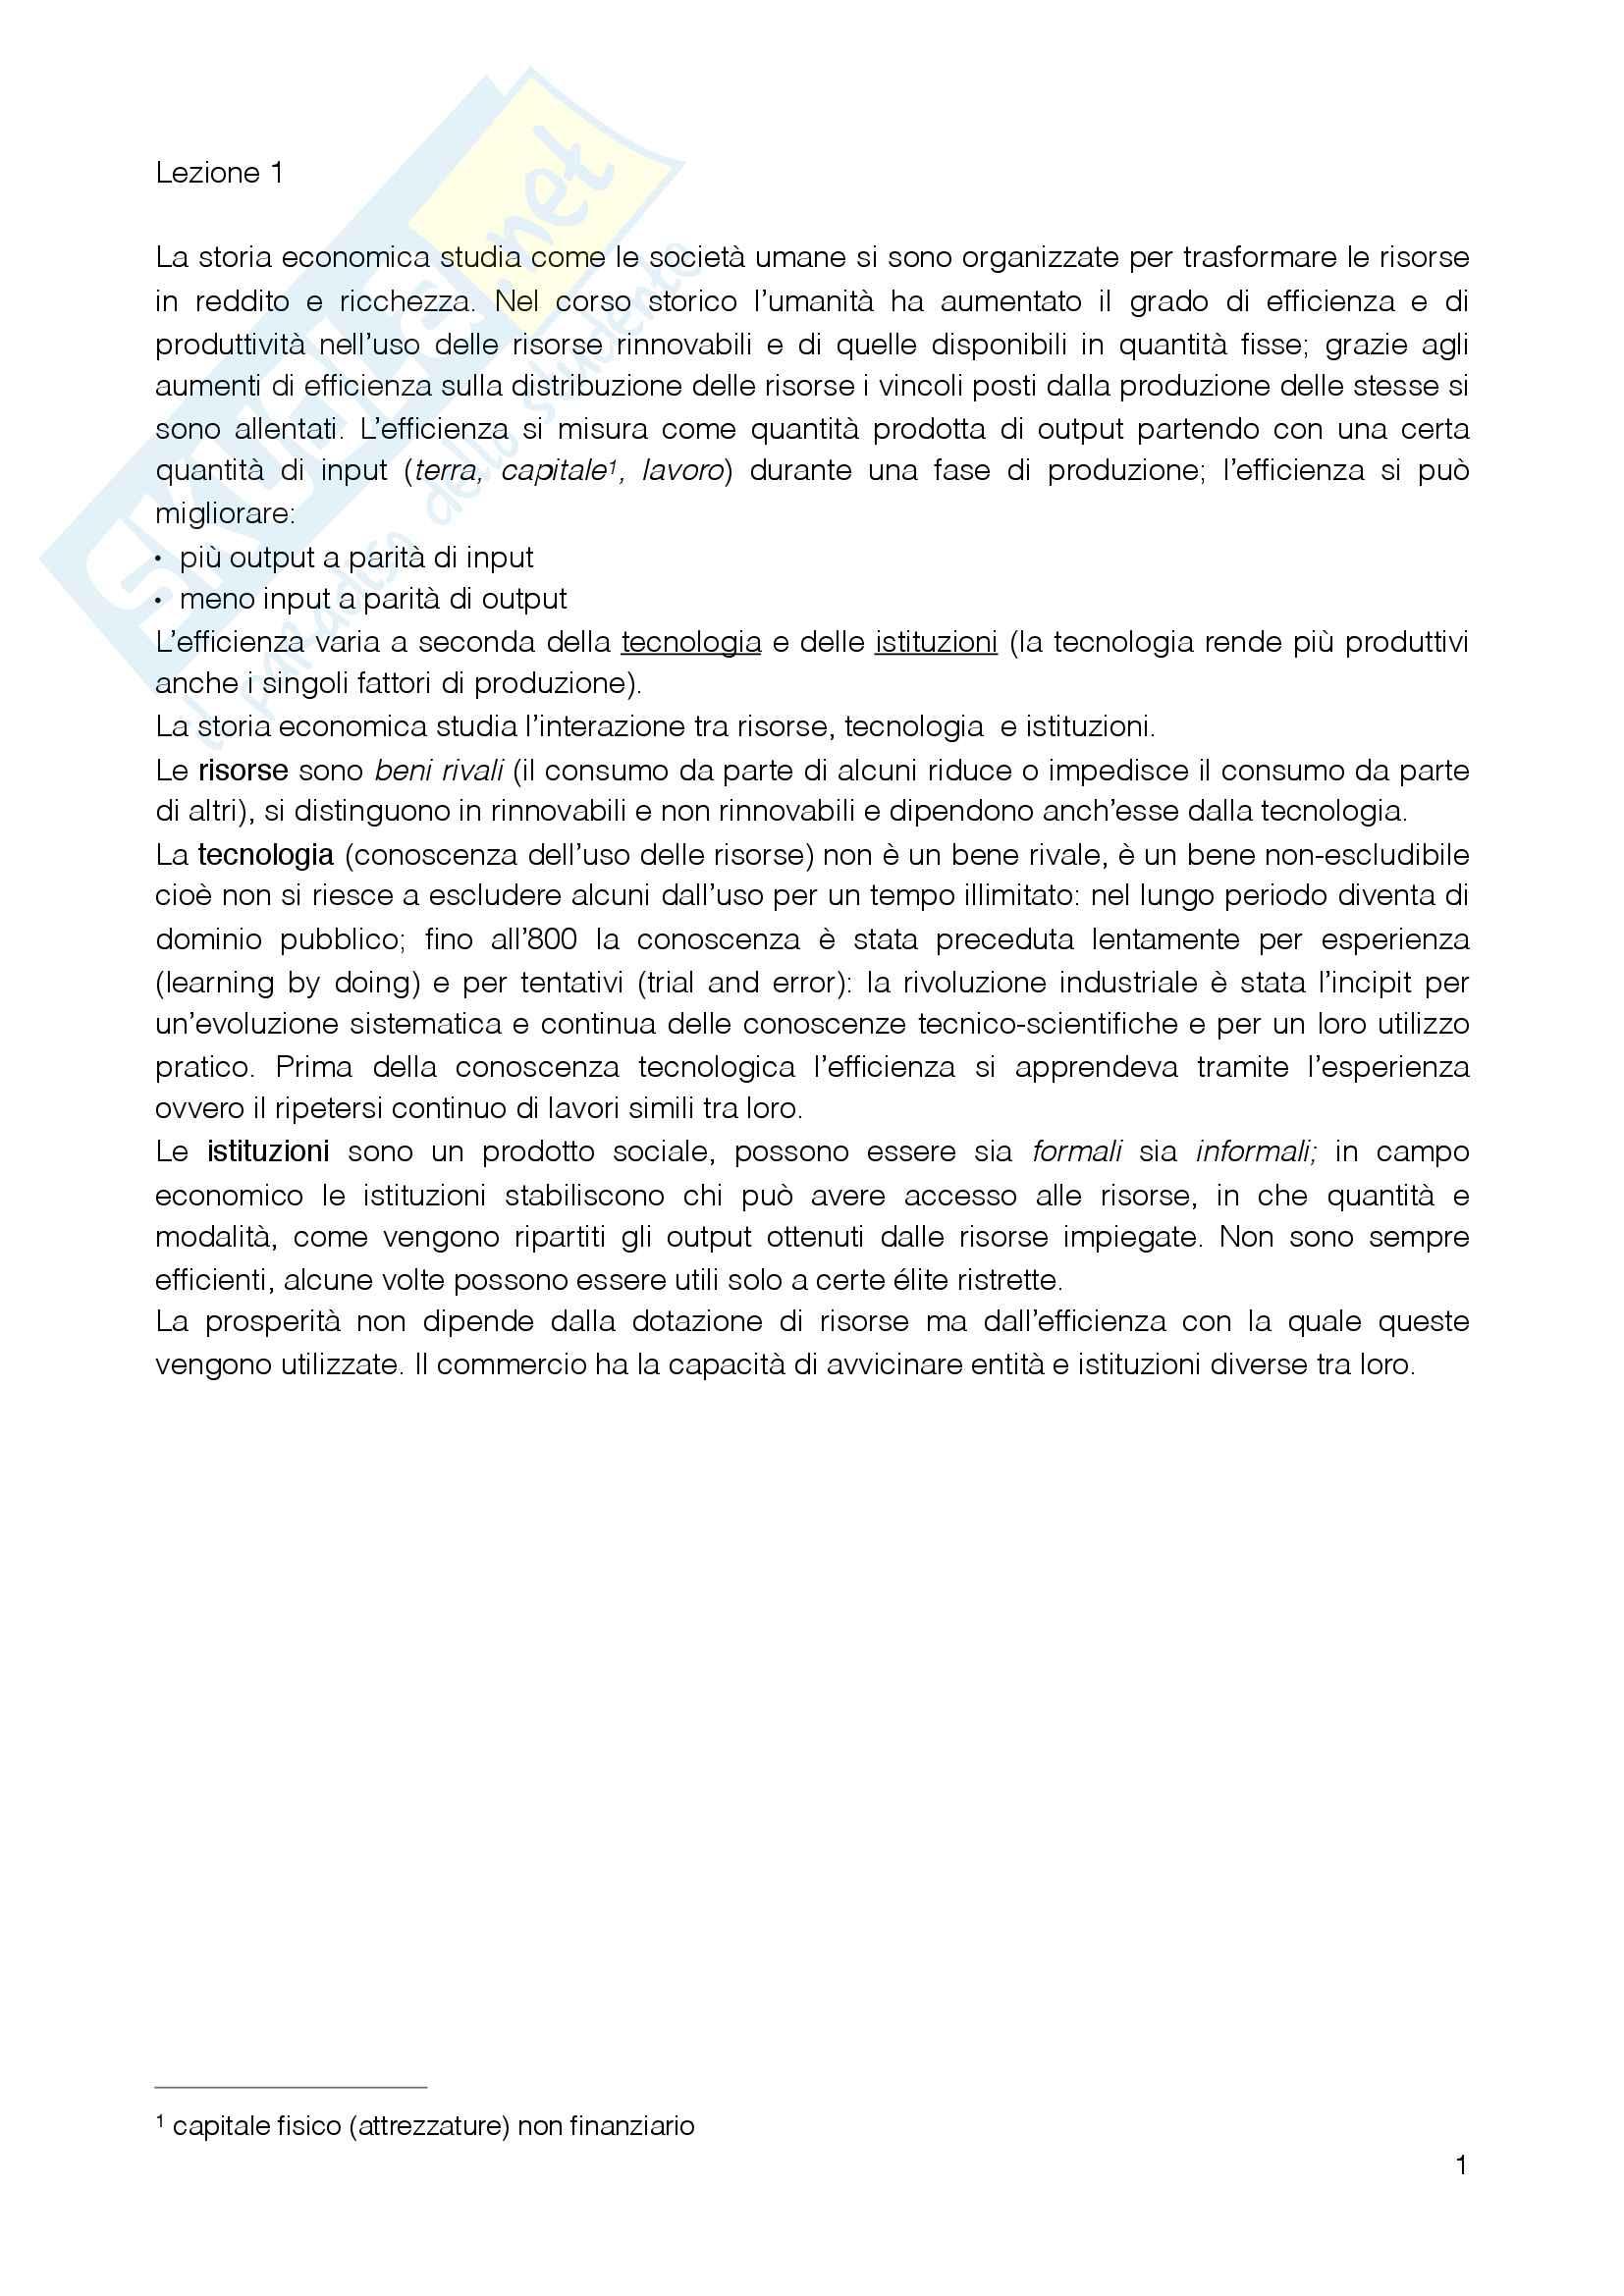 Riassunto esame Storia Economica, docente D'Alessandro, libro consigliato Storia Economica d'Europa, Persson